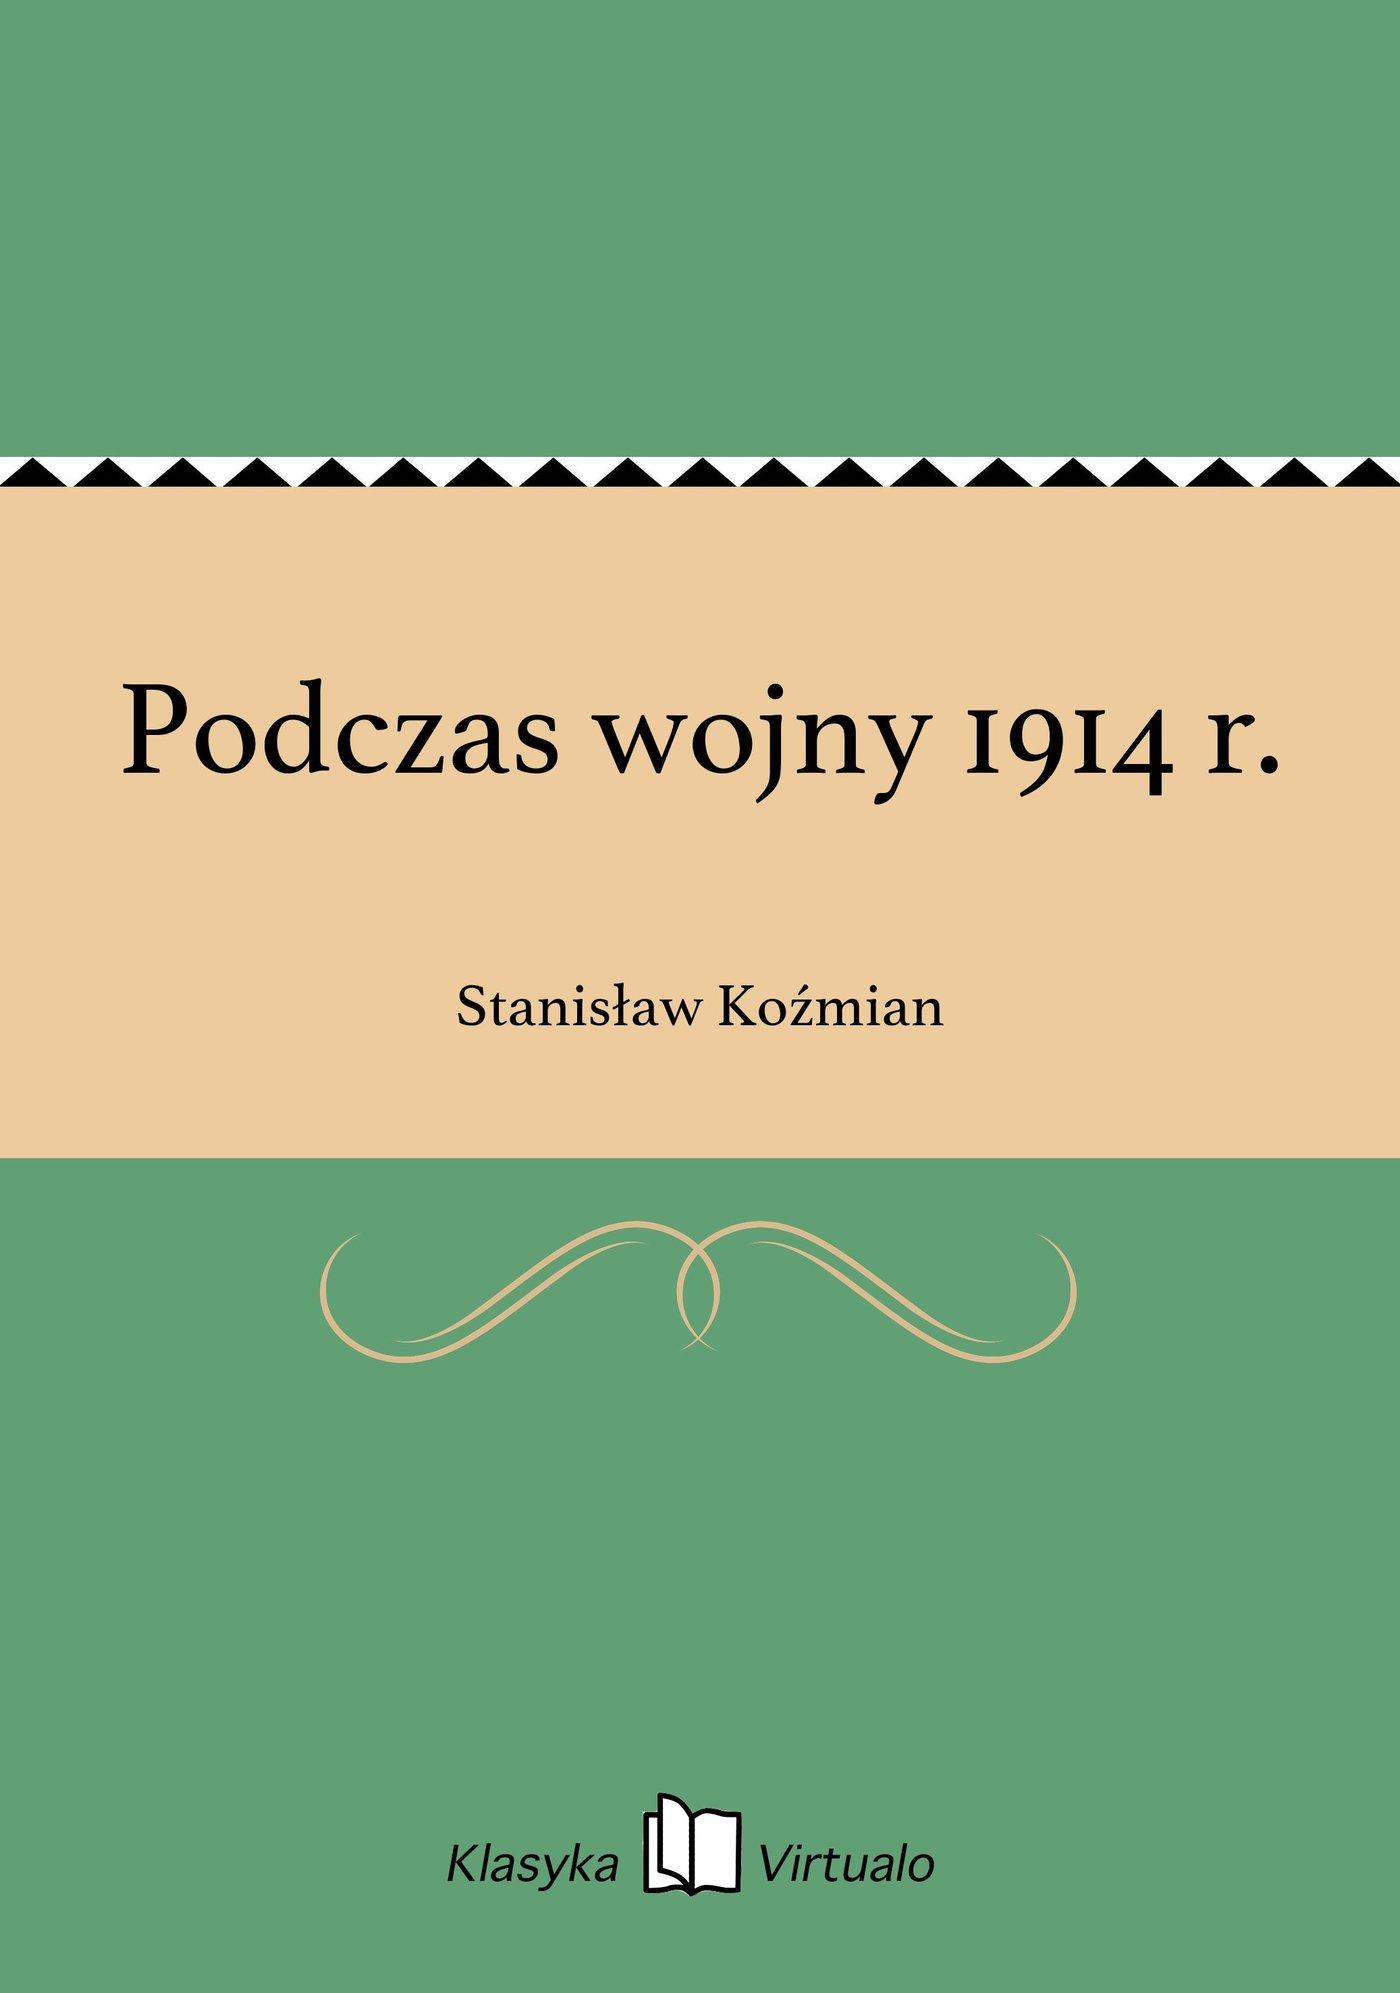 Podczas wojny 1914 r. - Ebook (Książka EPUB) do pobrania w formacie EPUB